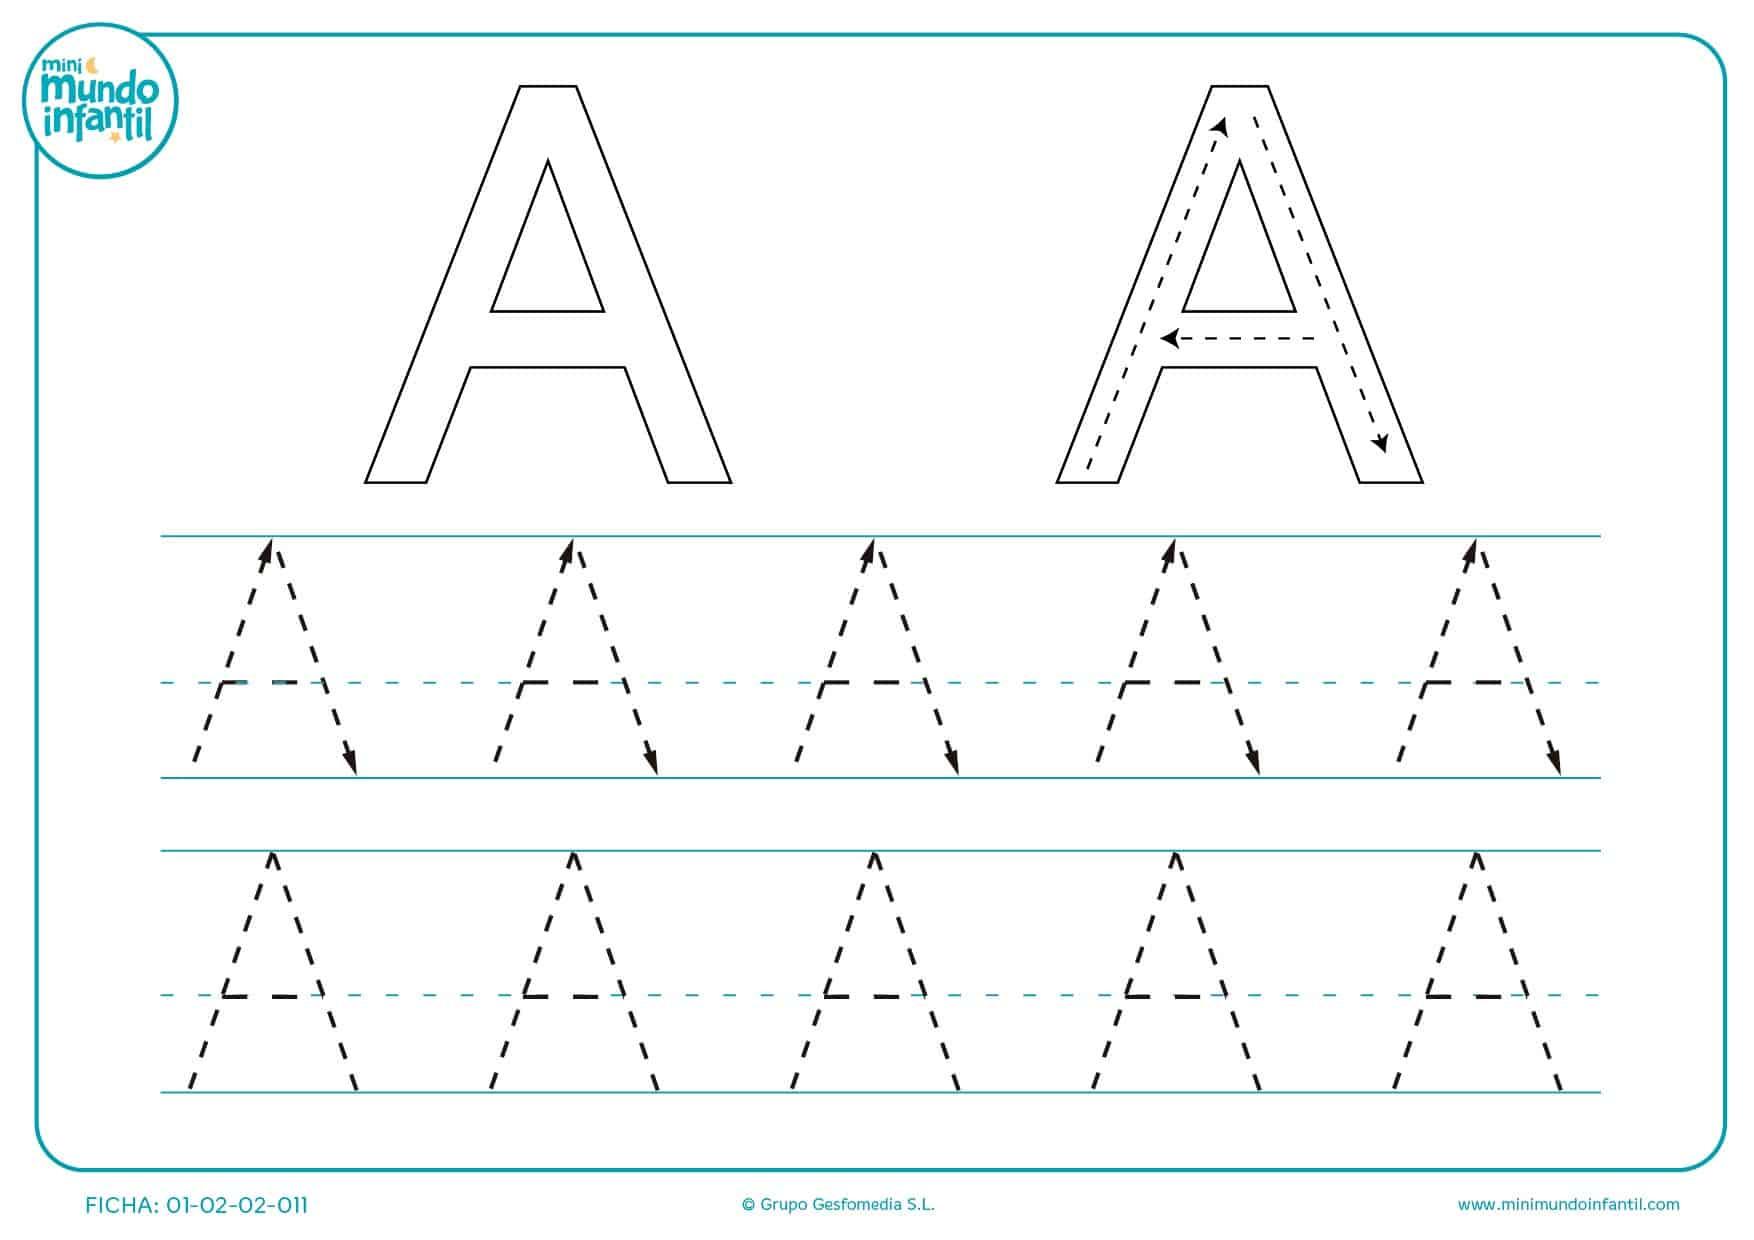 Une las líneas siguiendo la dirección de las flechas para formar la A